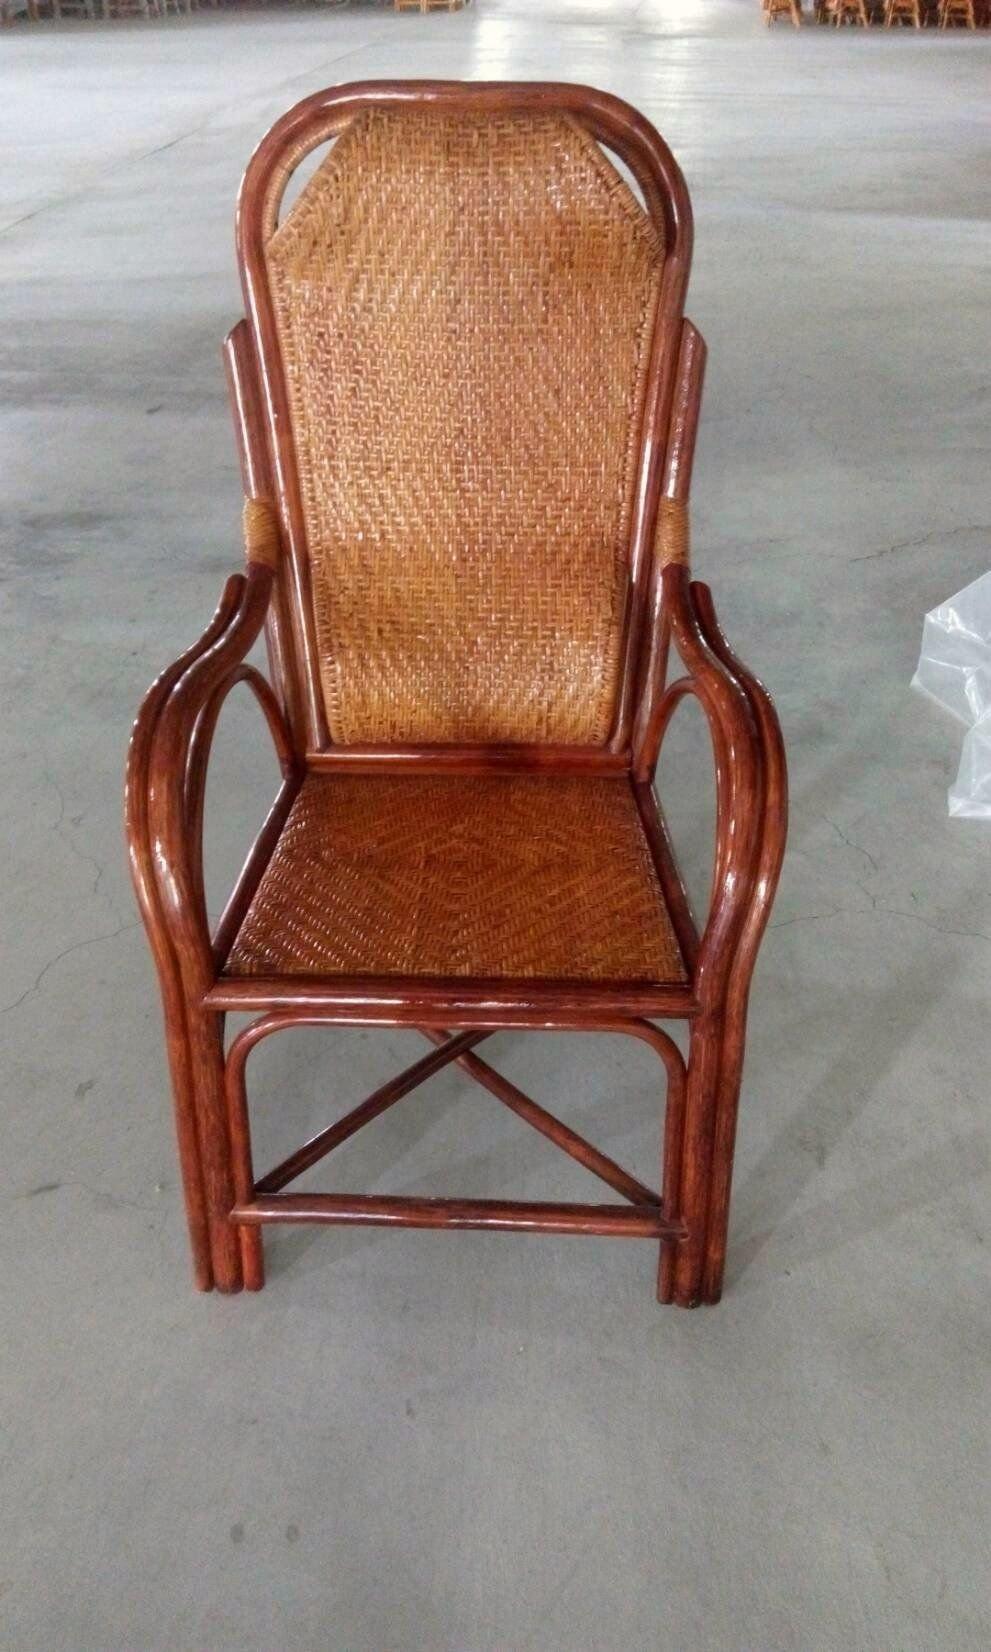 【藤椅批發零售】藤椅-籐椅雙凸教師椅A--護腰老人椅-休閒椅-辦公-工廠直營團購更優惠